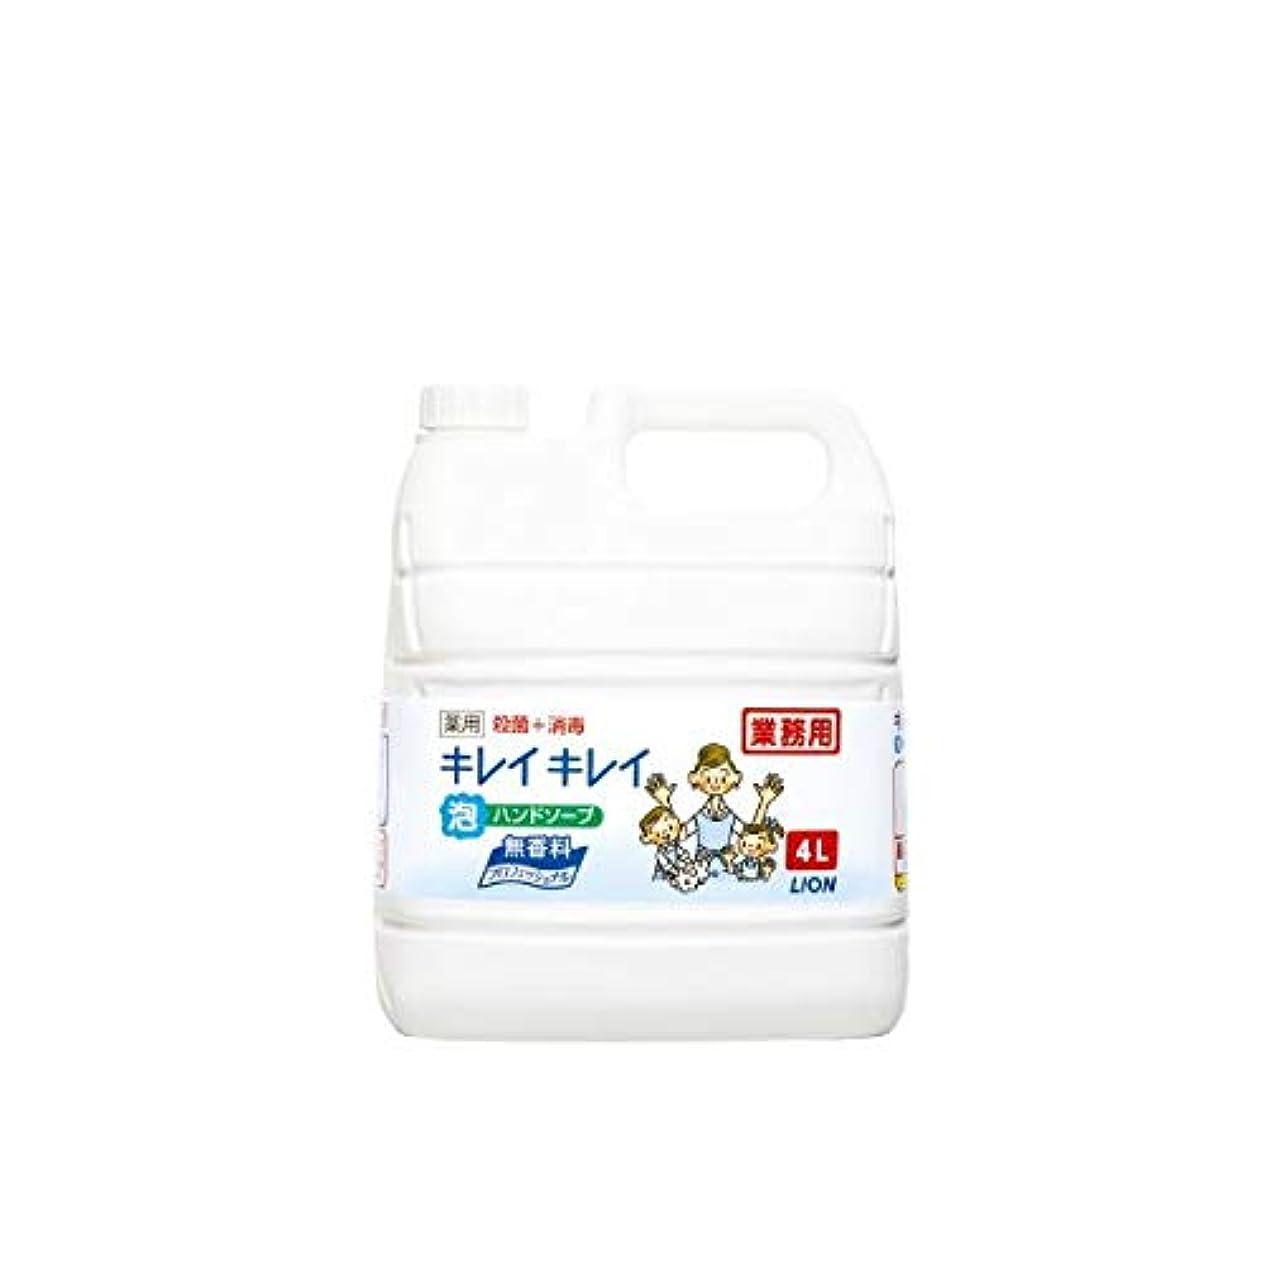 シンポジウム高潔なクルーズ(まとめ)ライオン キレイキレイ泡ハンドソープPRO 無香料 4L【×5セット】 ダイエット 健康 衛生用品 ハンドソープ 14067381 [並行輸入品]